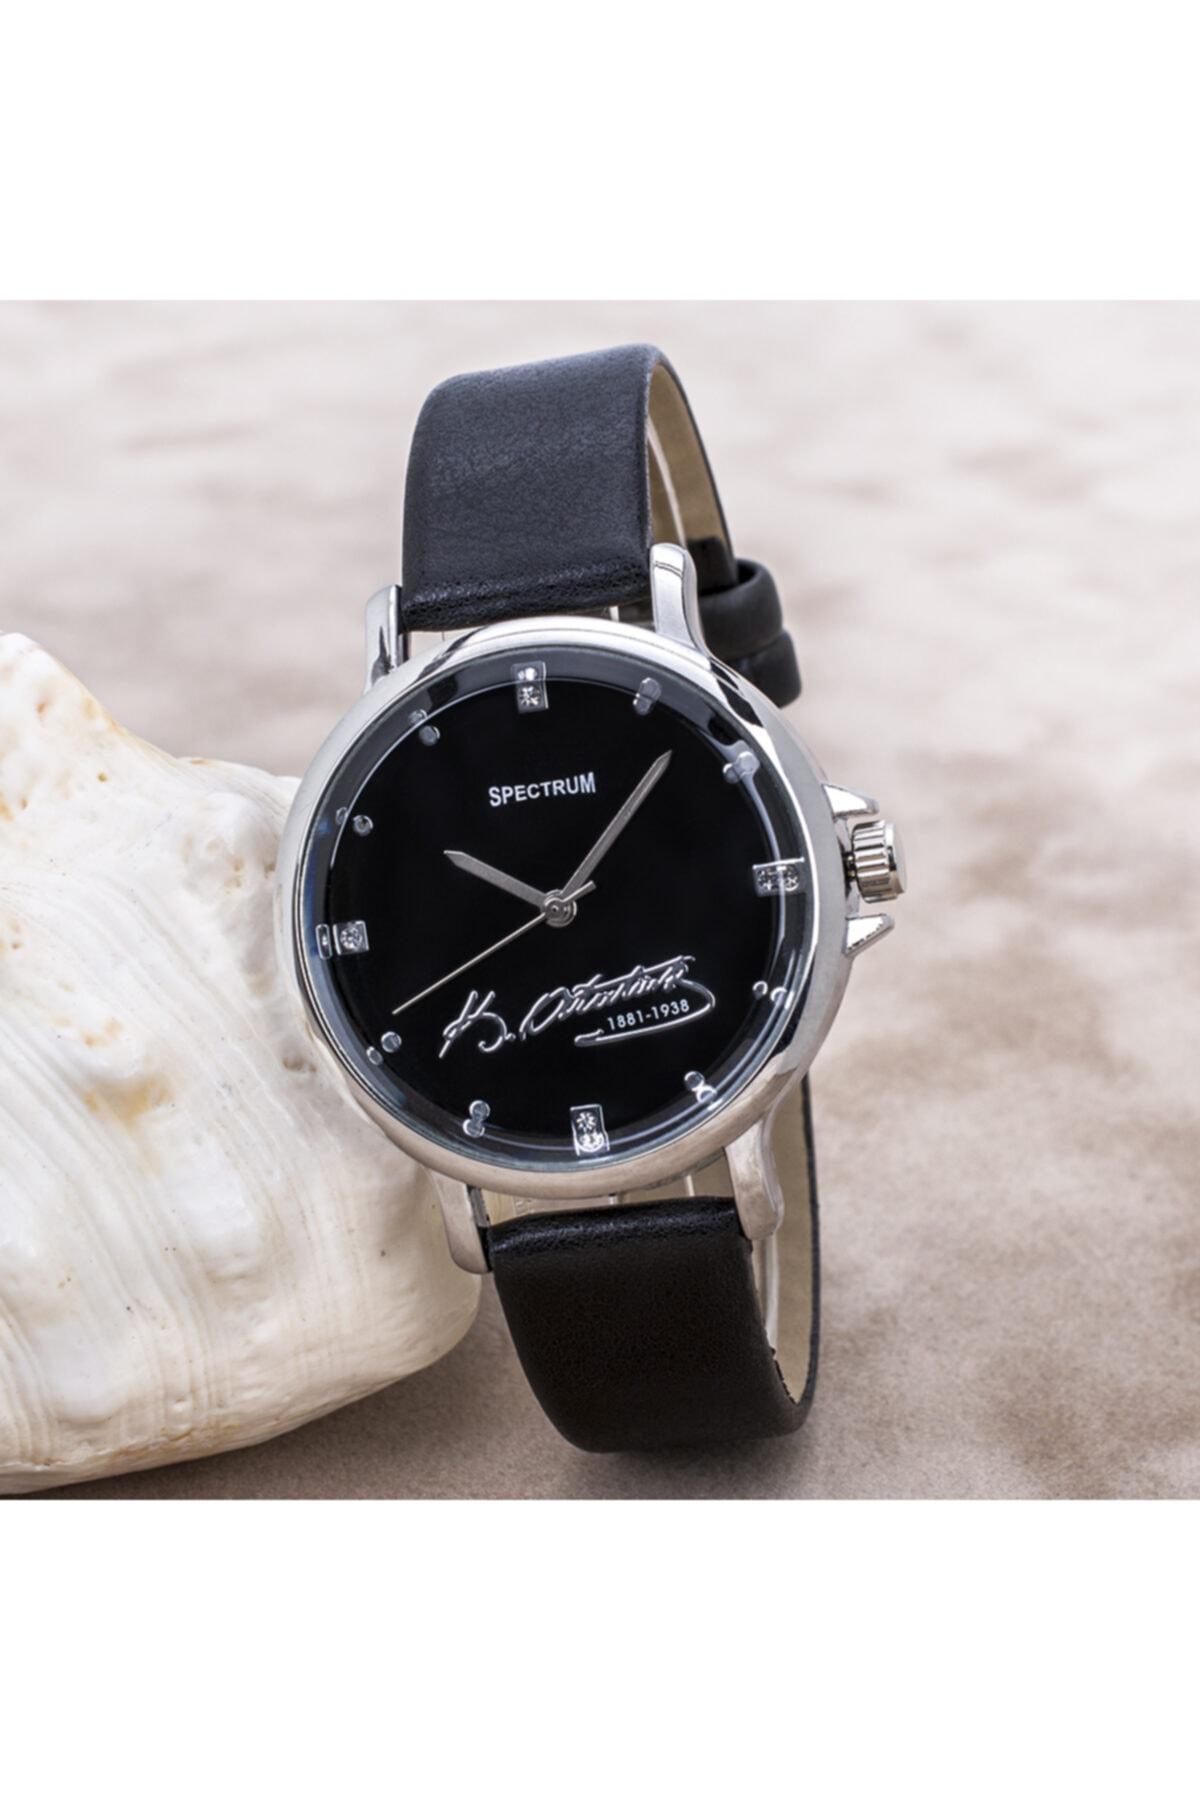 Spectrum Siyah Deri Kordon Atatürklü Silver Renk Kasalı Bayan Saat St-303703 1